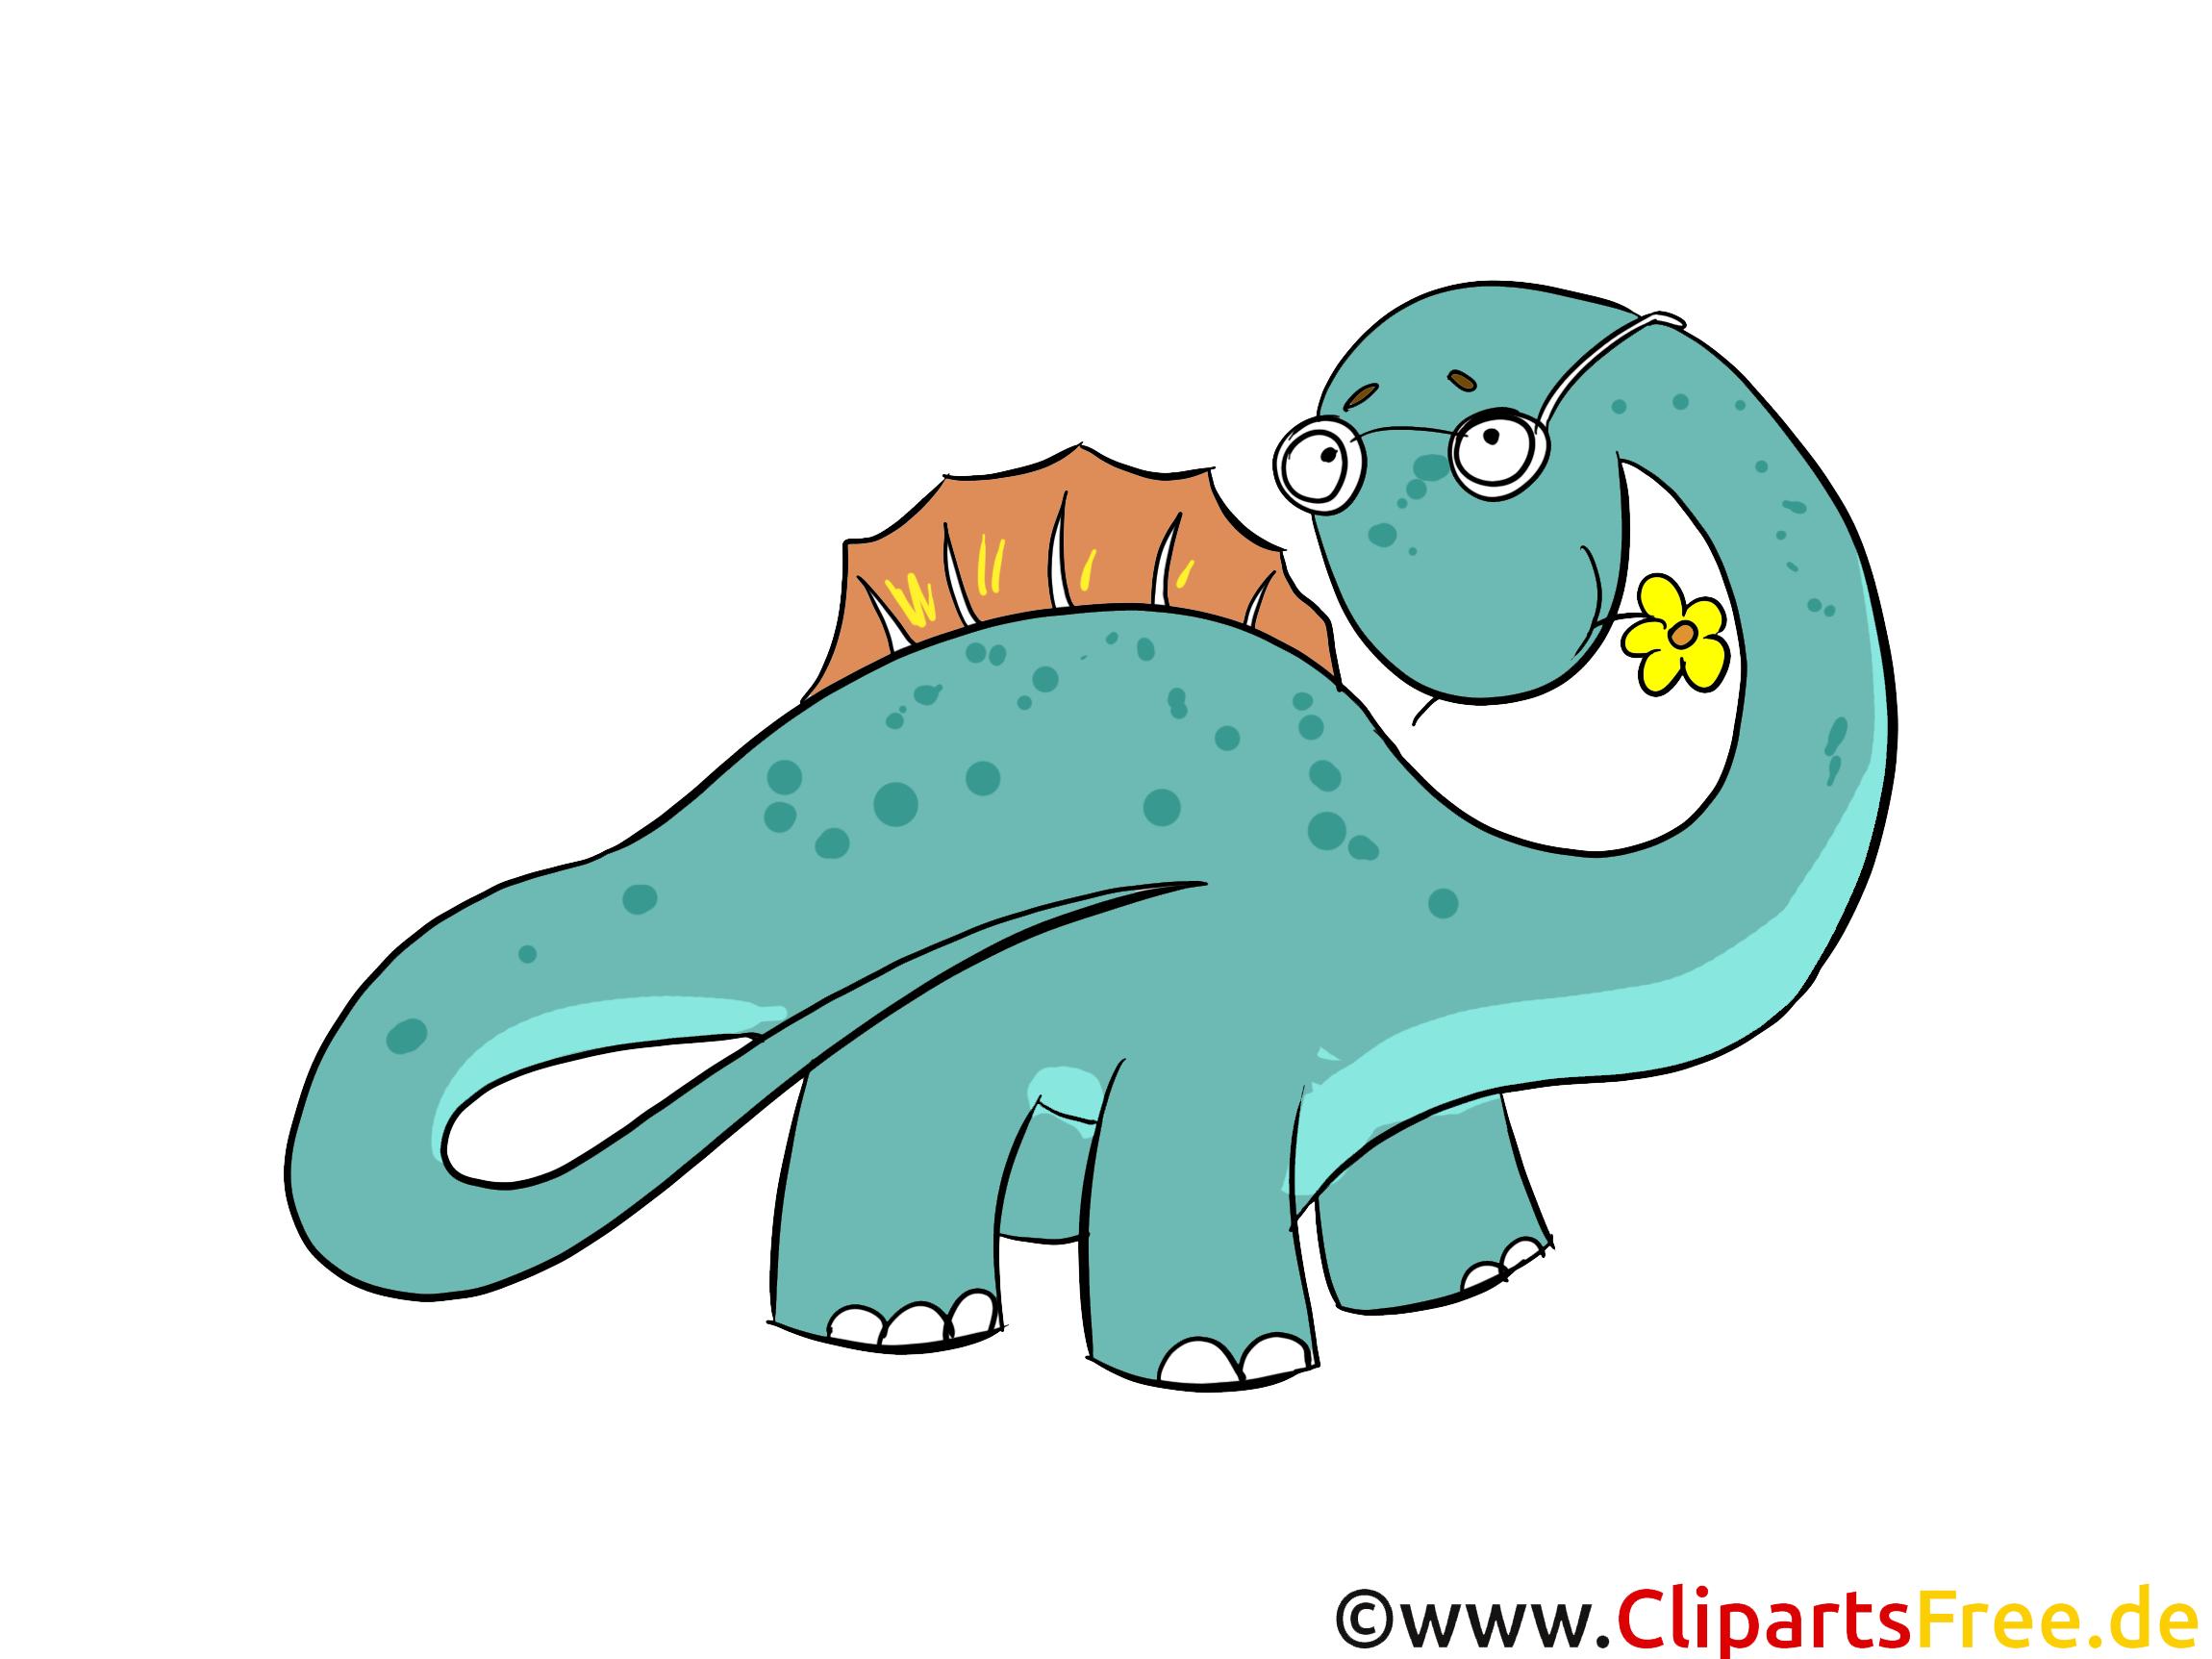 Dinosaurier Ausmalbilder Kostenlos Ausdrucken : Dinosaurier Bilder Cliparts Gifs Illustrationen Grafiken Kostenlos